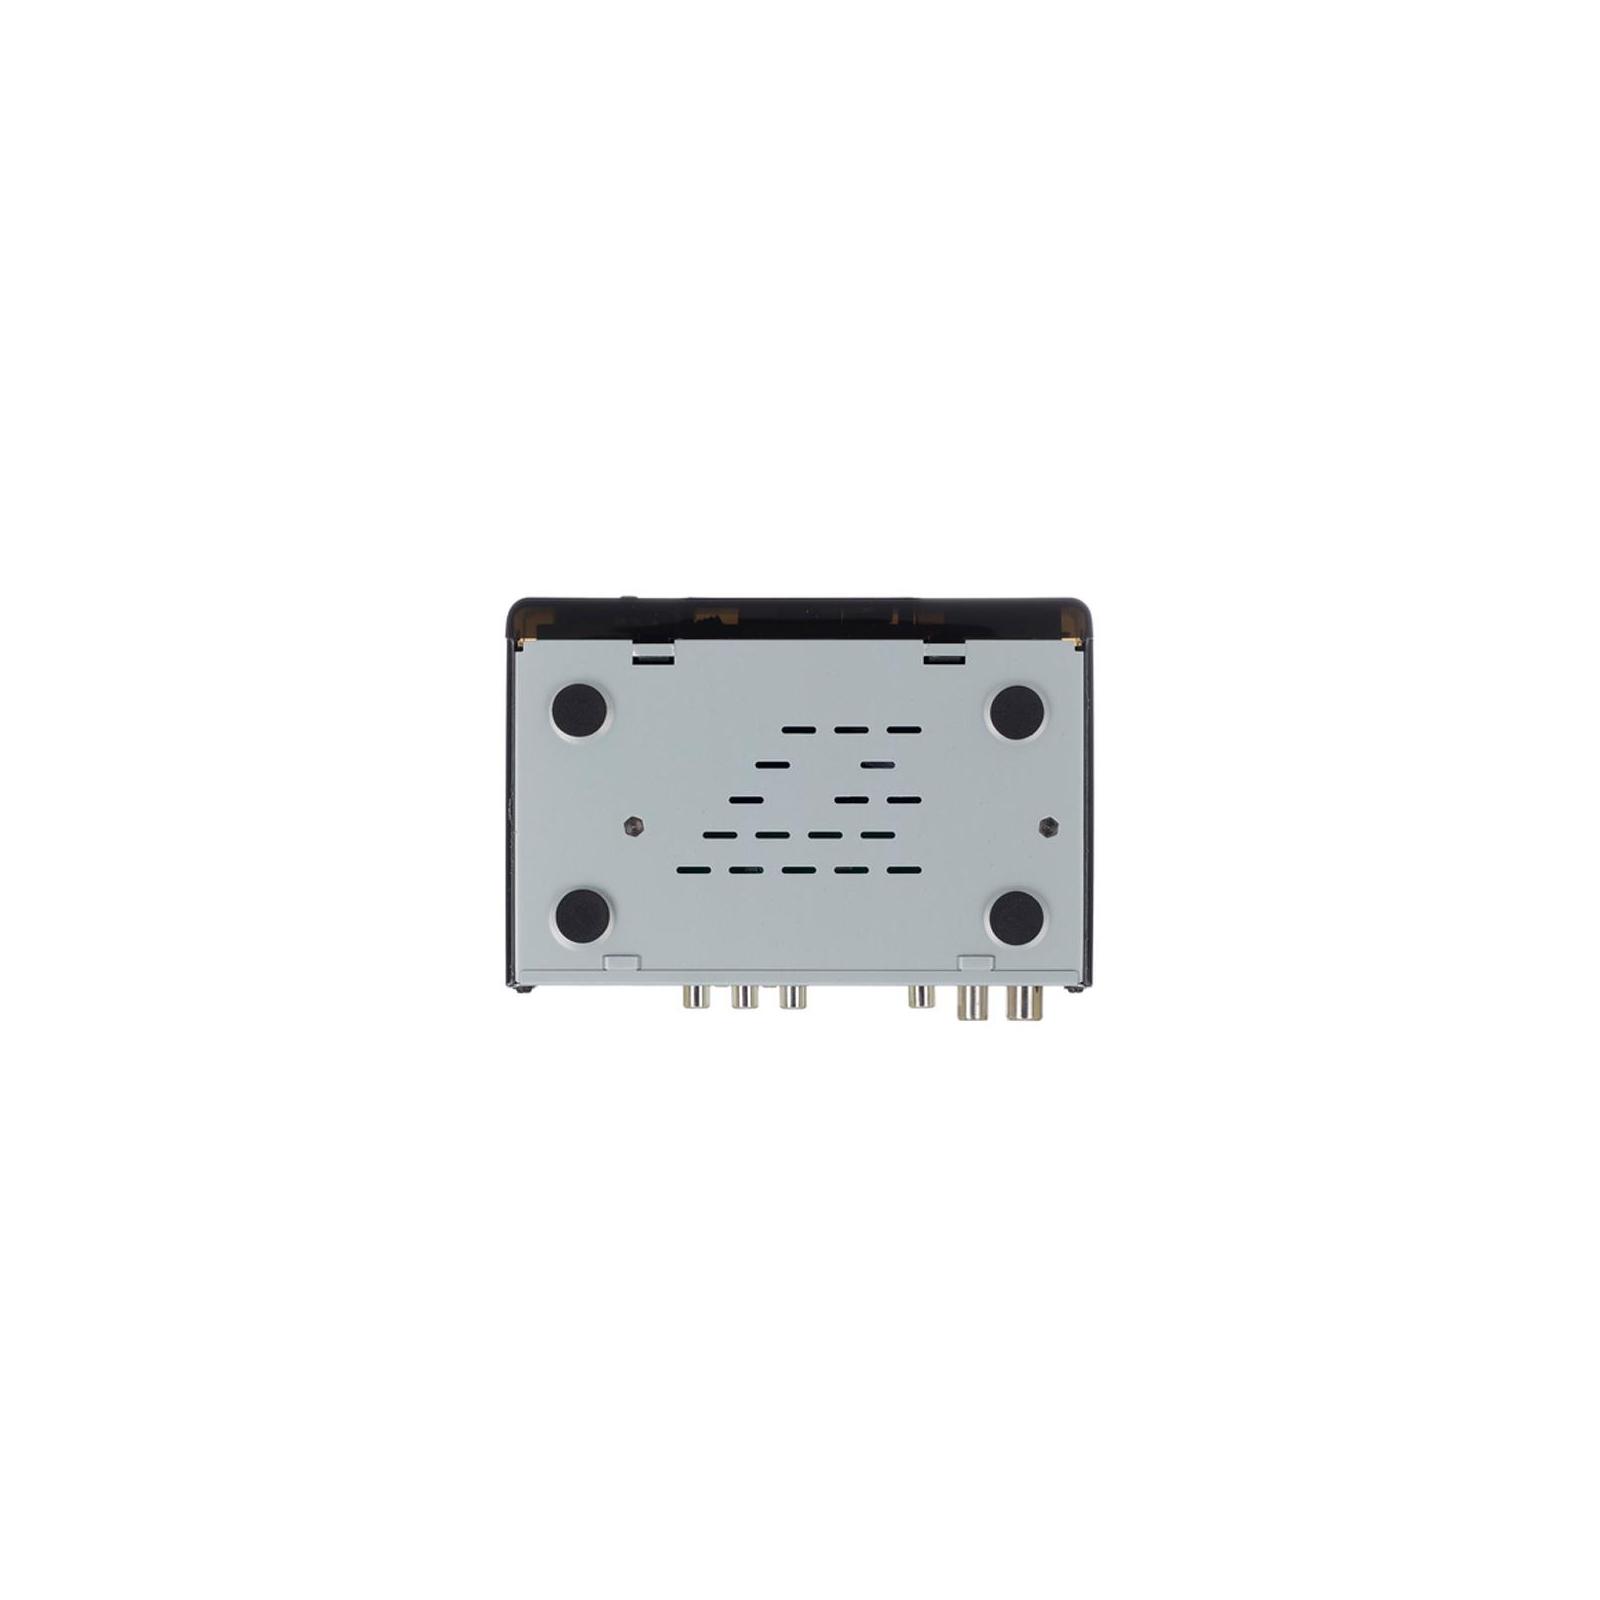 ТВ тюнер Ergo 1638 (DVB-T, DVB-T2) (STB-1638) изображение 6